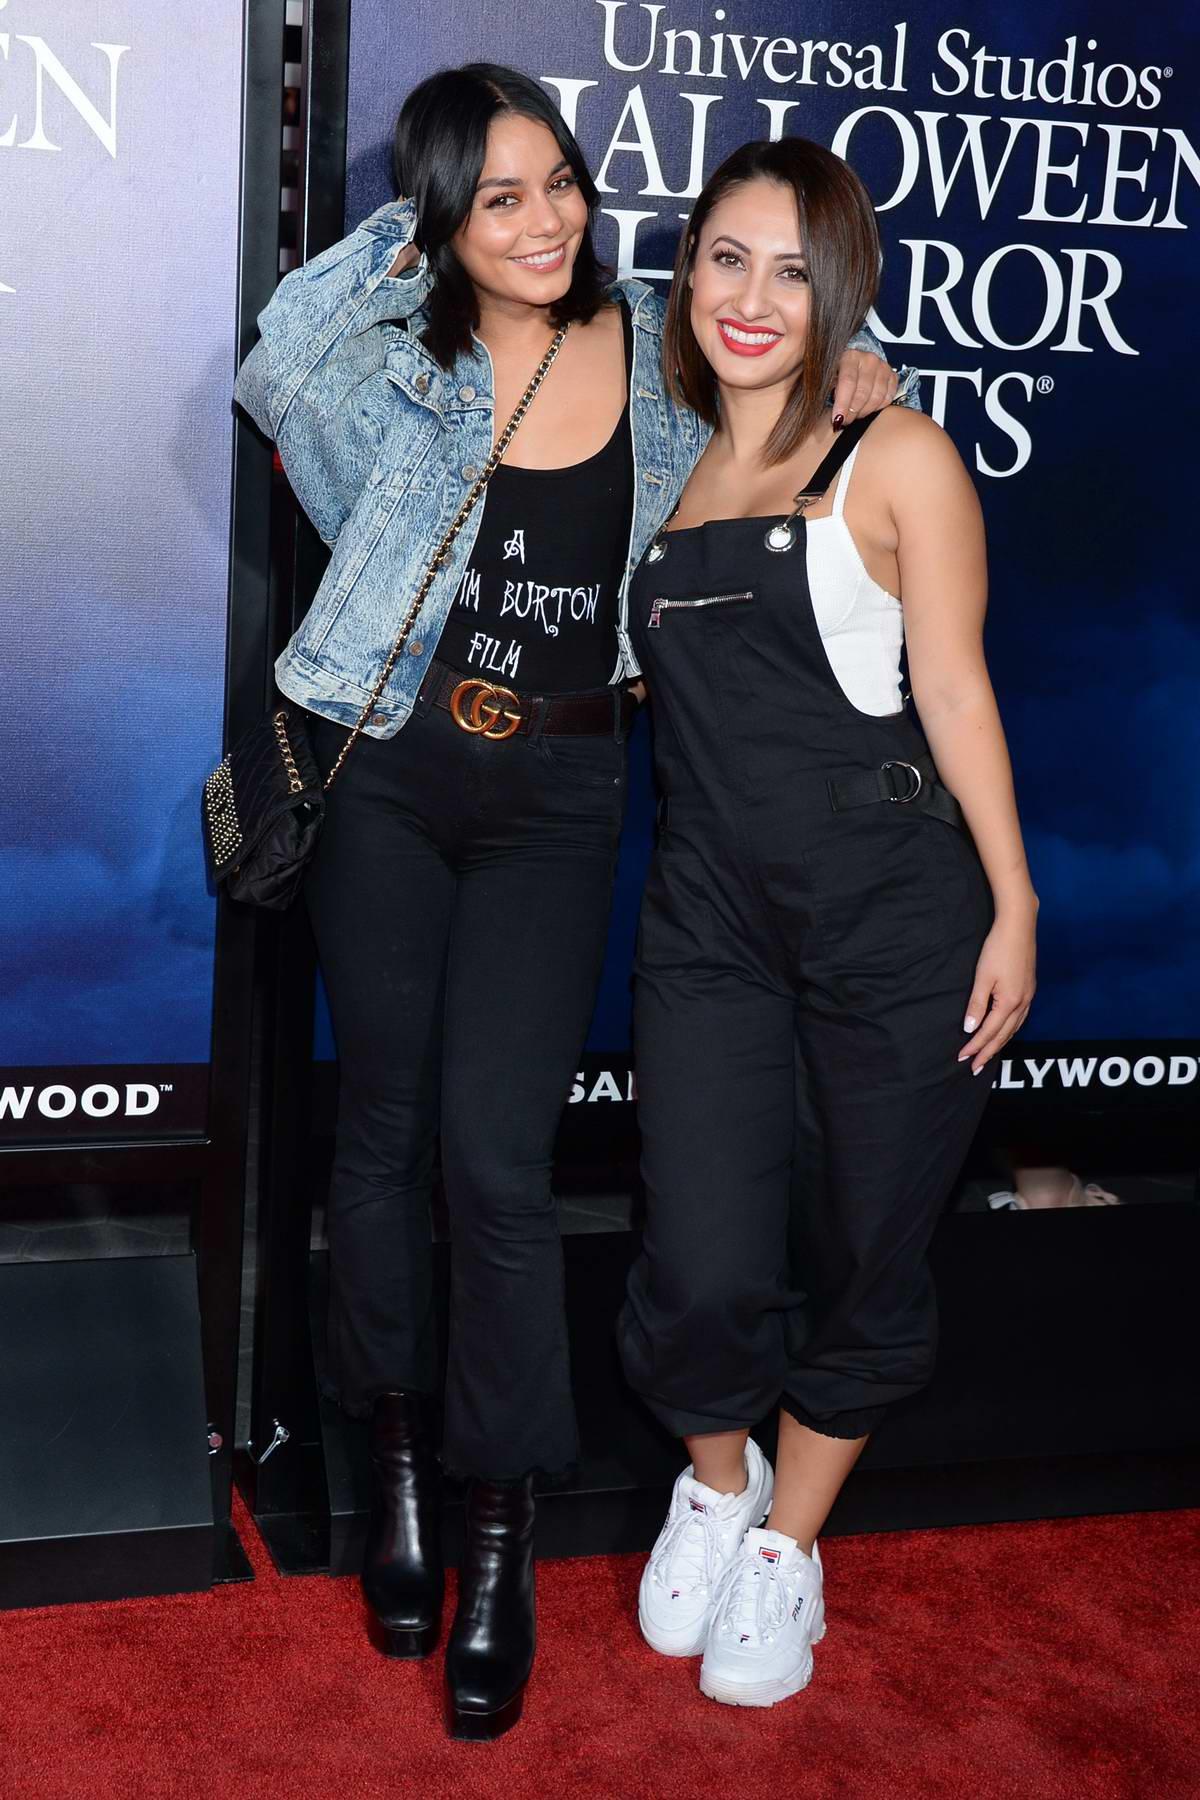 Vanessa Hudgens and Francia Raisa attends Universal Studios Hollywood 'Halloween Horror Nights' opening night in Los Angeles